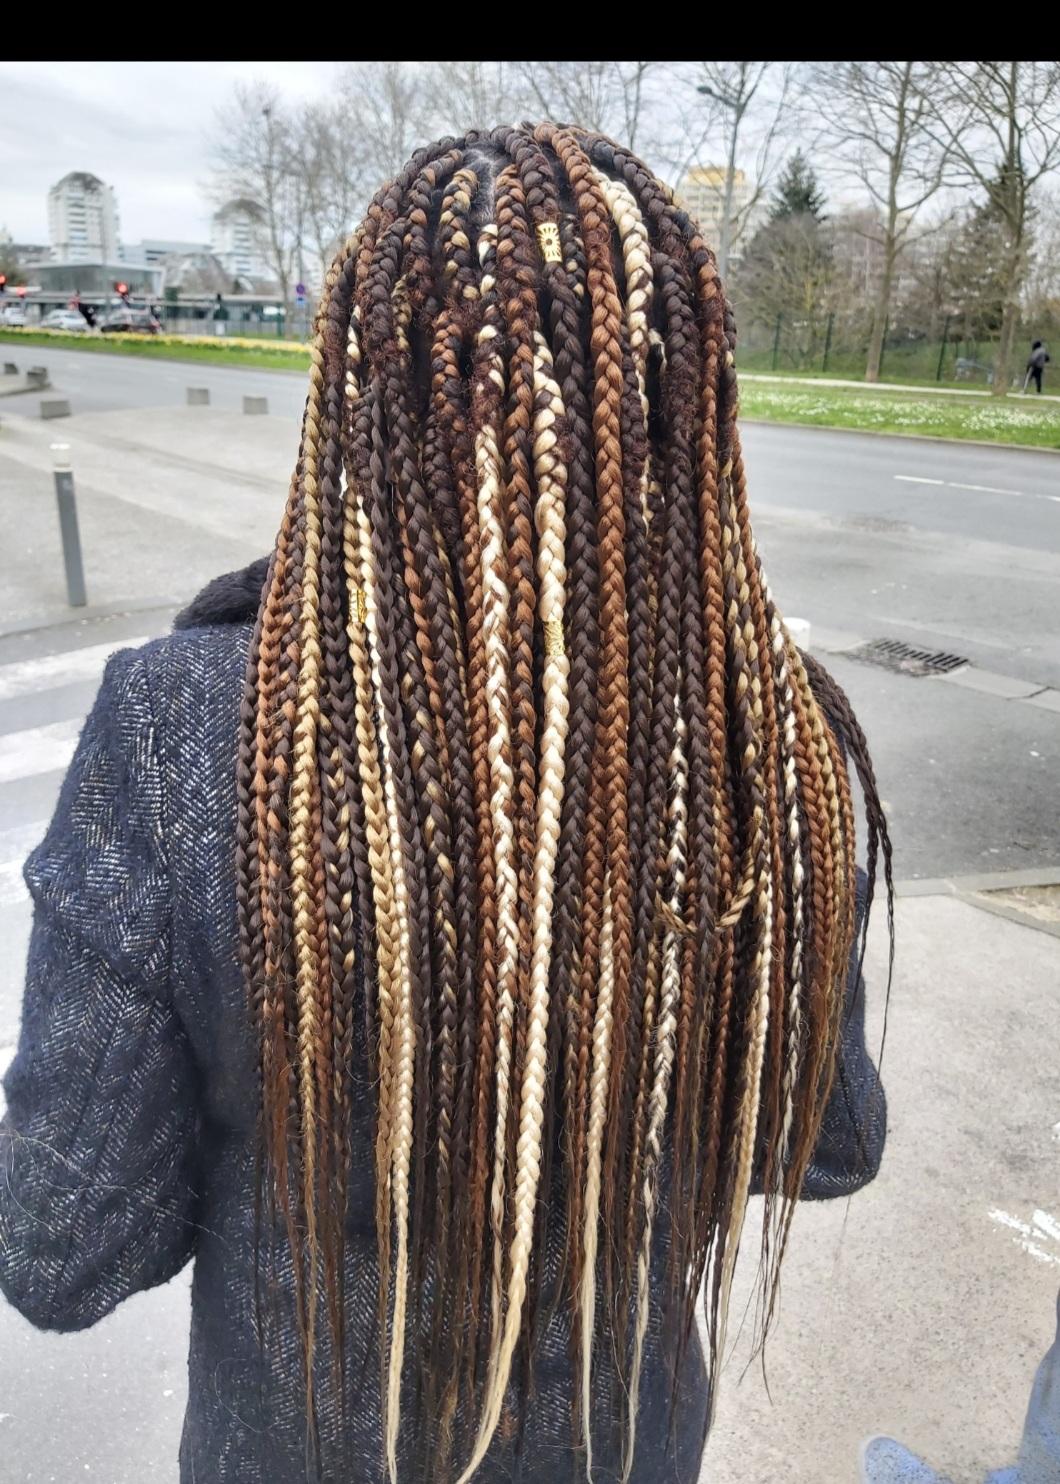 salon de coiffure afro tresse tresses box braids crochet braids vanilles tissages paris 75 77 78 91 92 93 94 95 DEXDVIIZ